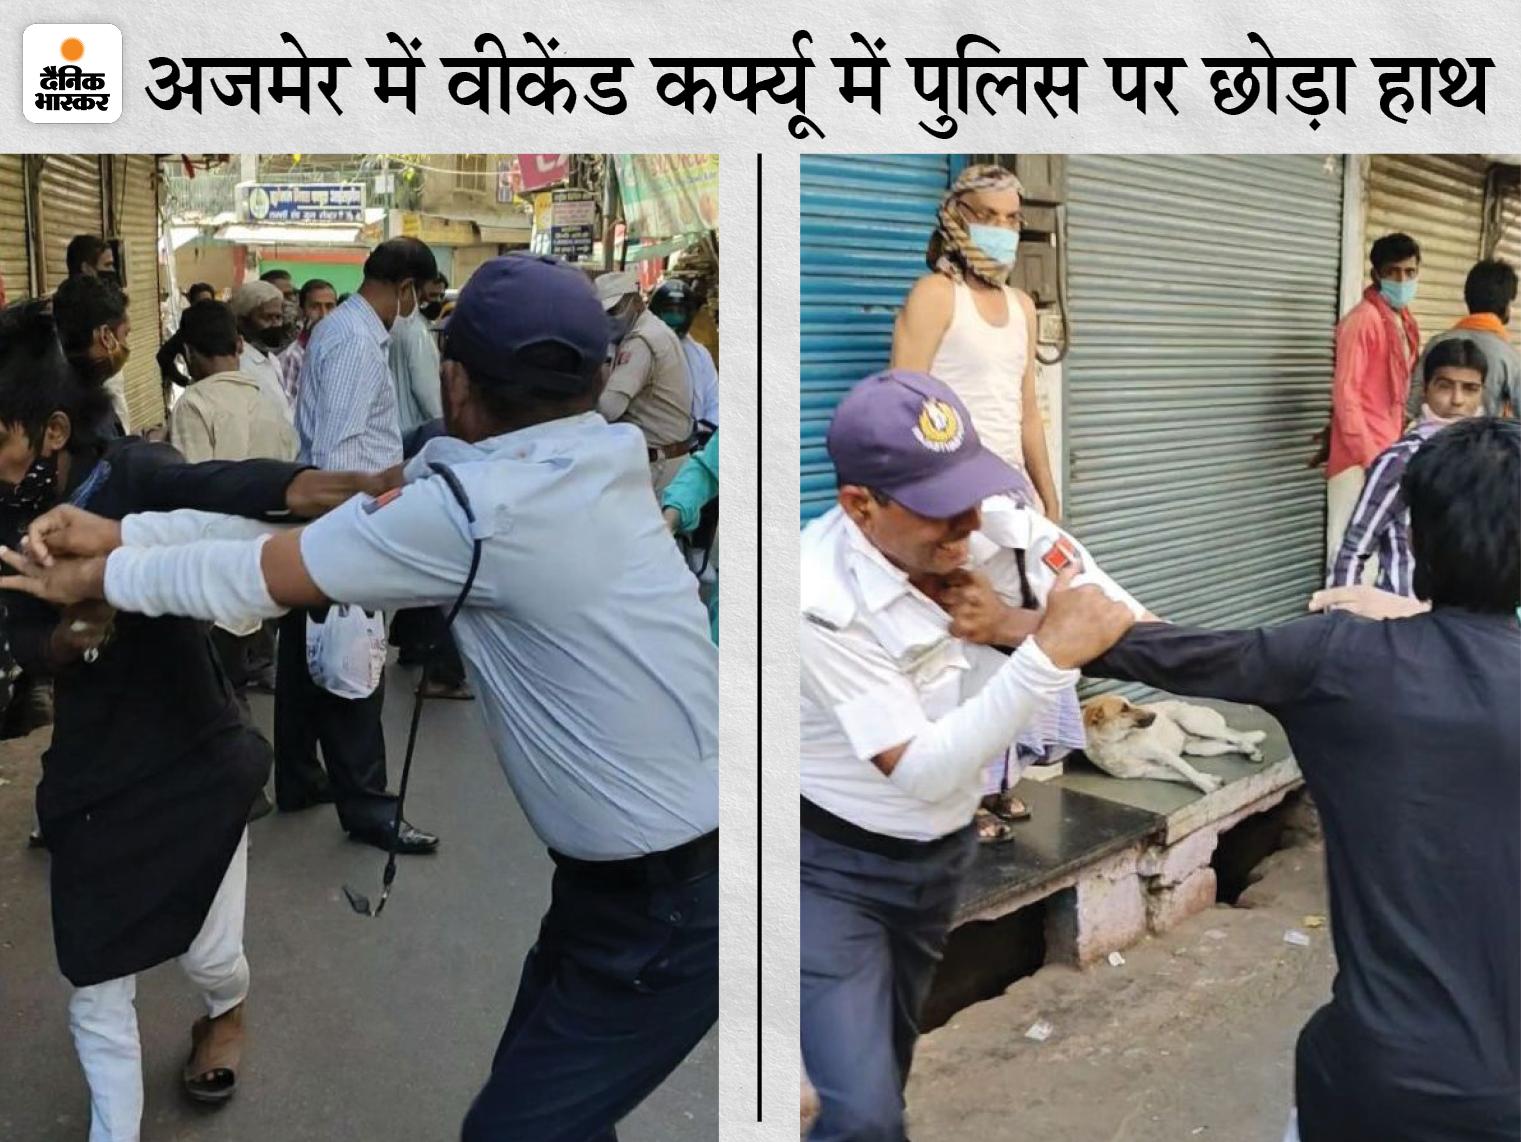 लॉकडाउन में ड्यूटी कर रहे पुलिसकर्मियों से मारपीट, 2 युवकों को कोतवाली ले गए और FIR कराई|अजमेर,Ajmer - Dainik Bhaskar